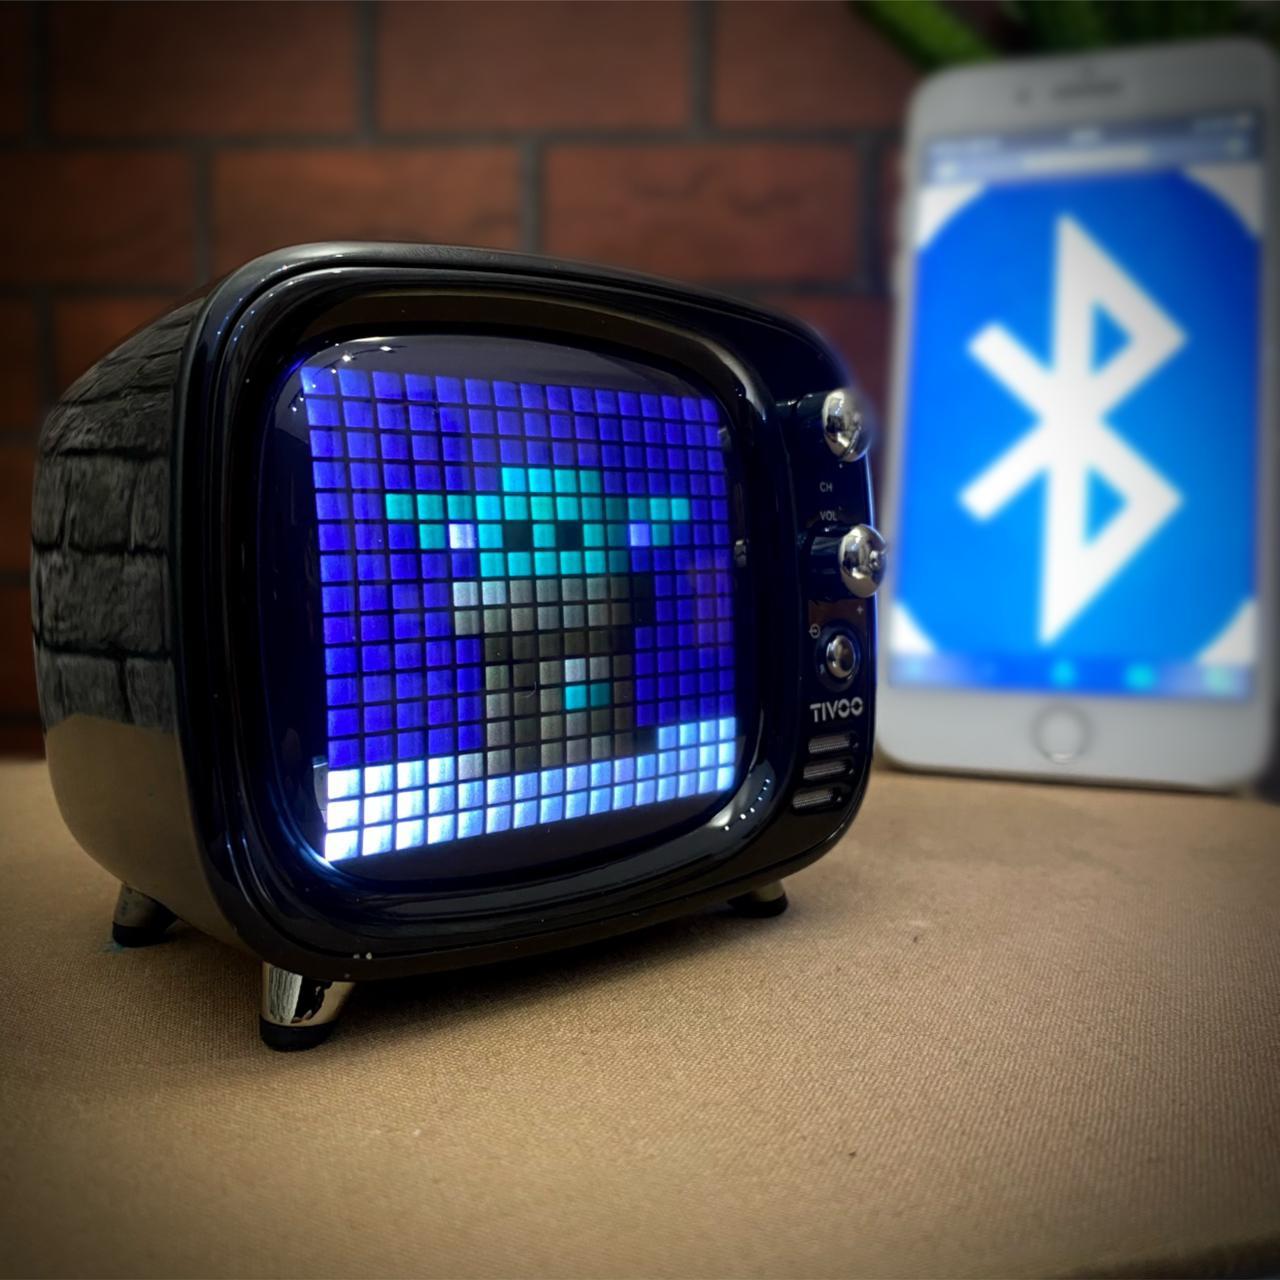 Caixa de Som Música Speaker Smart Bluetooth Tv Tivoo Smart Preto - Divoom